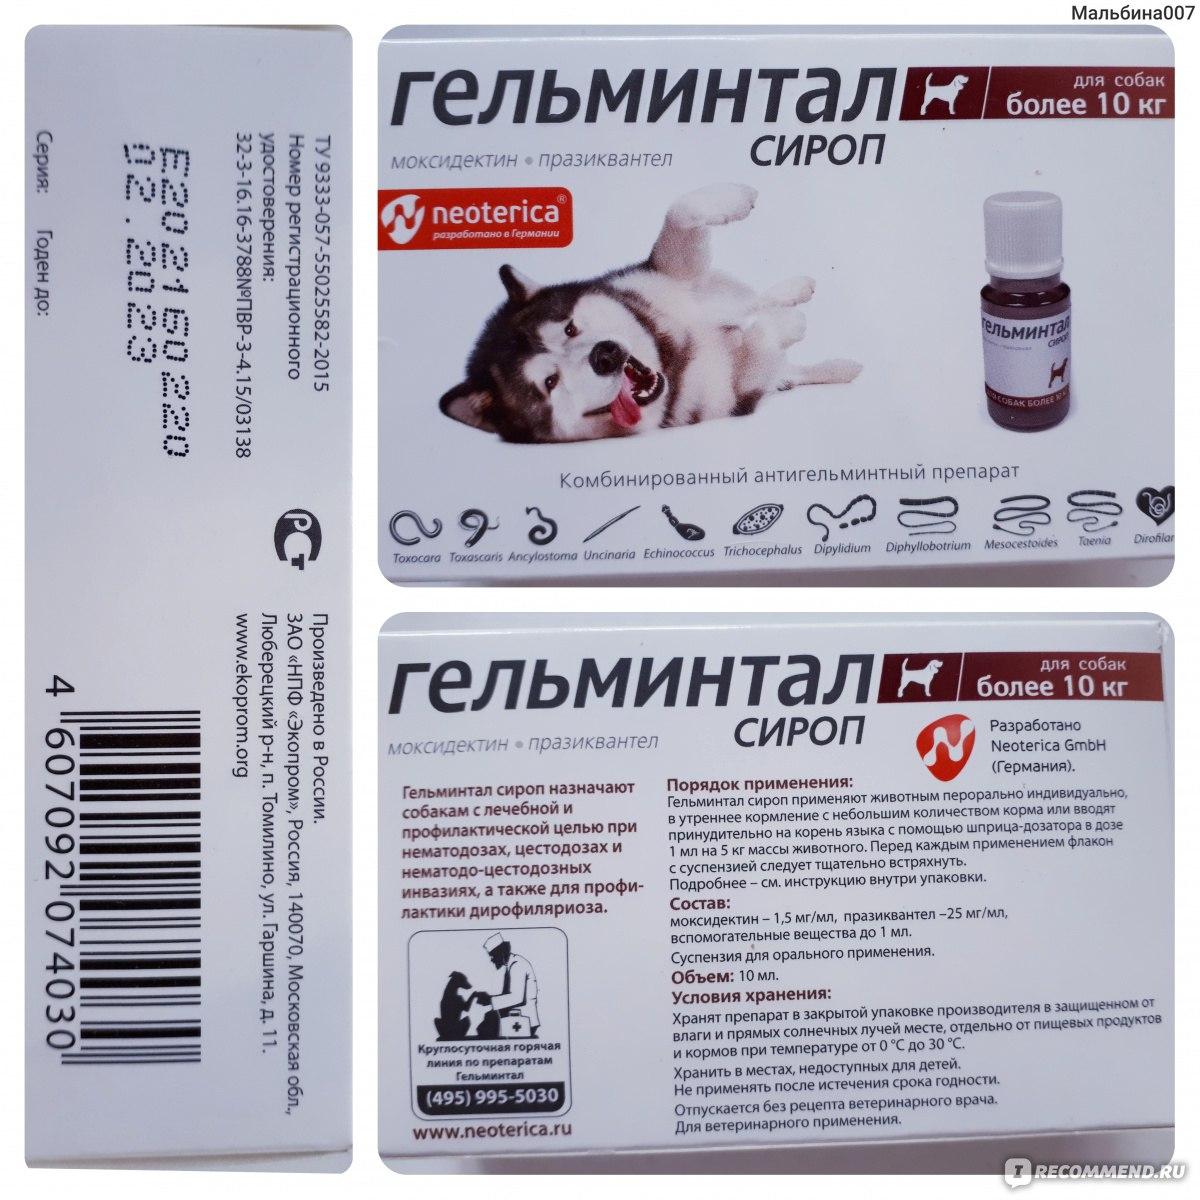 Капли на холку для кошек гельминтал: инструкция по применению, отзывы, побочные эффекты